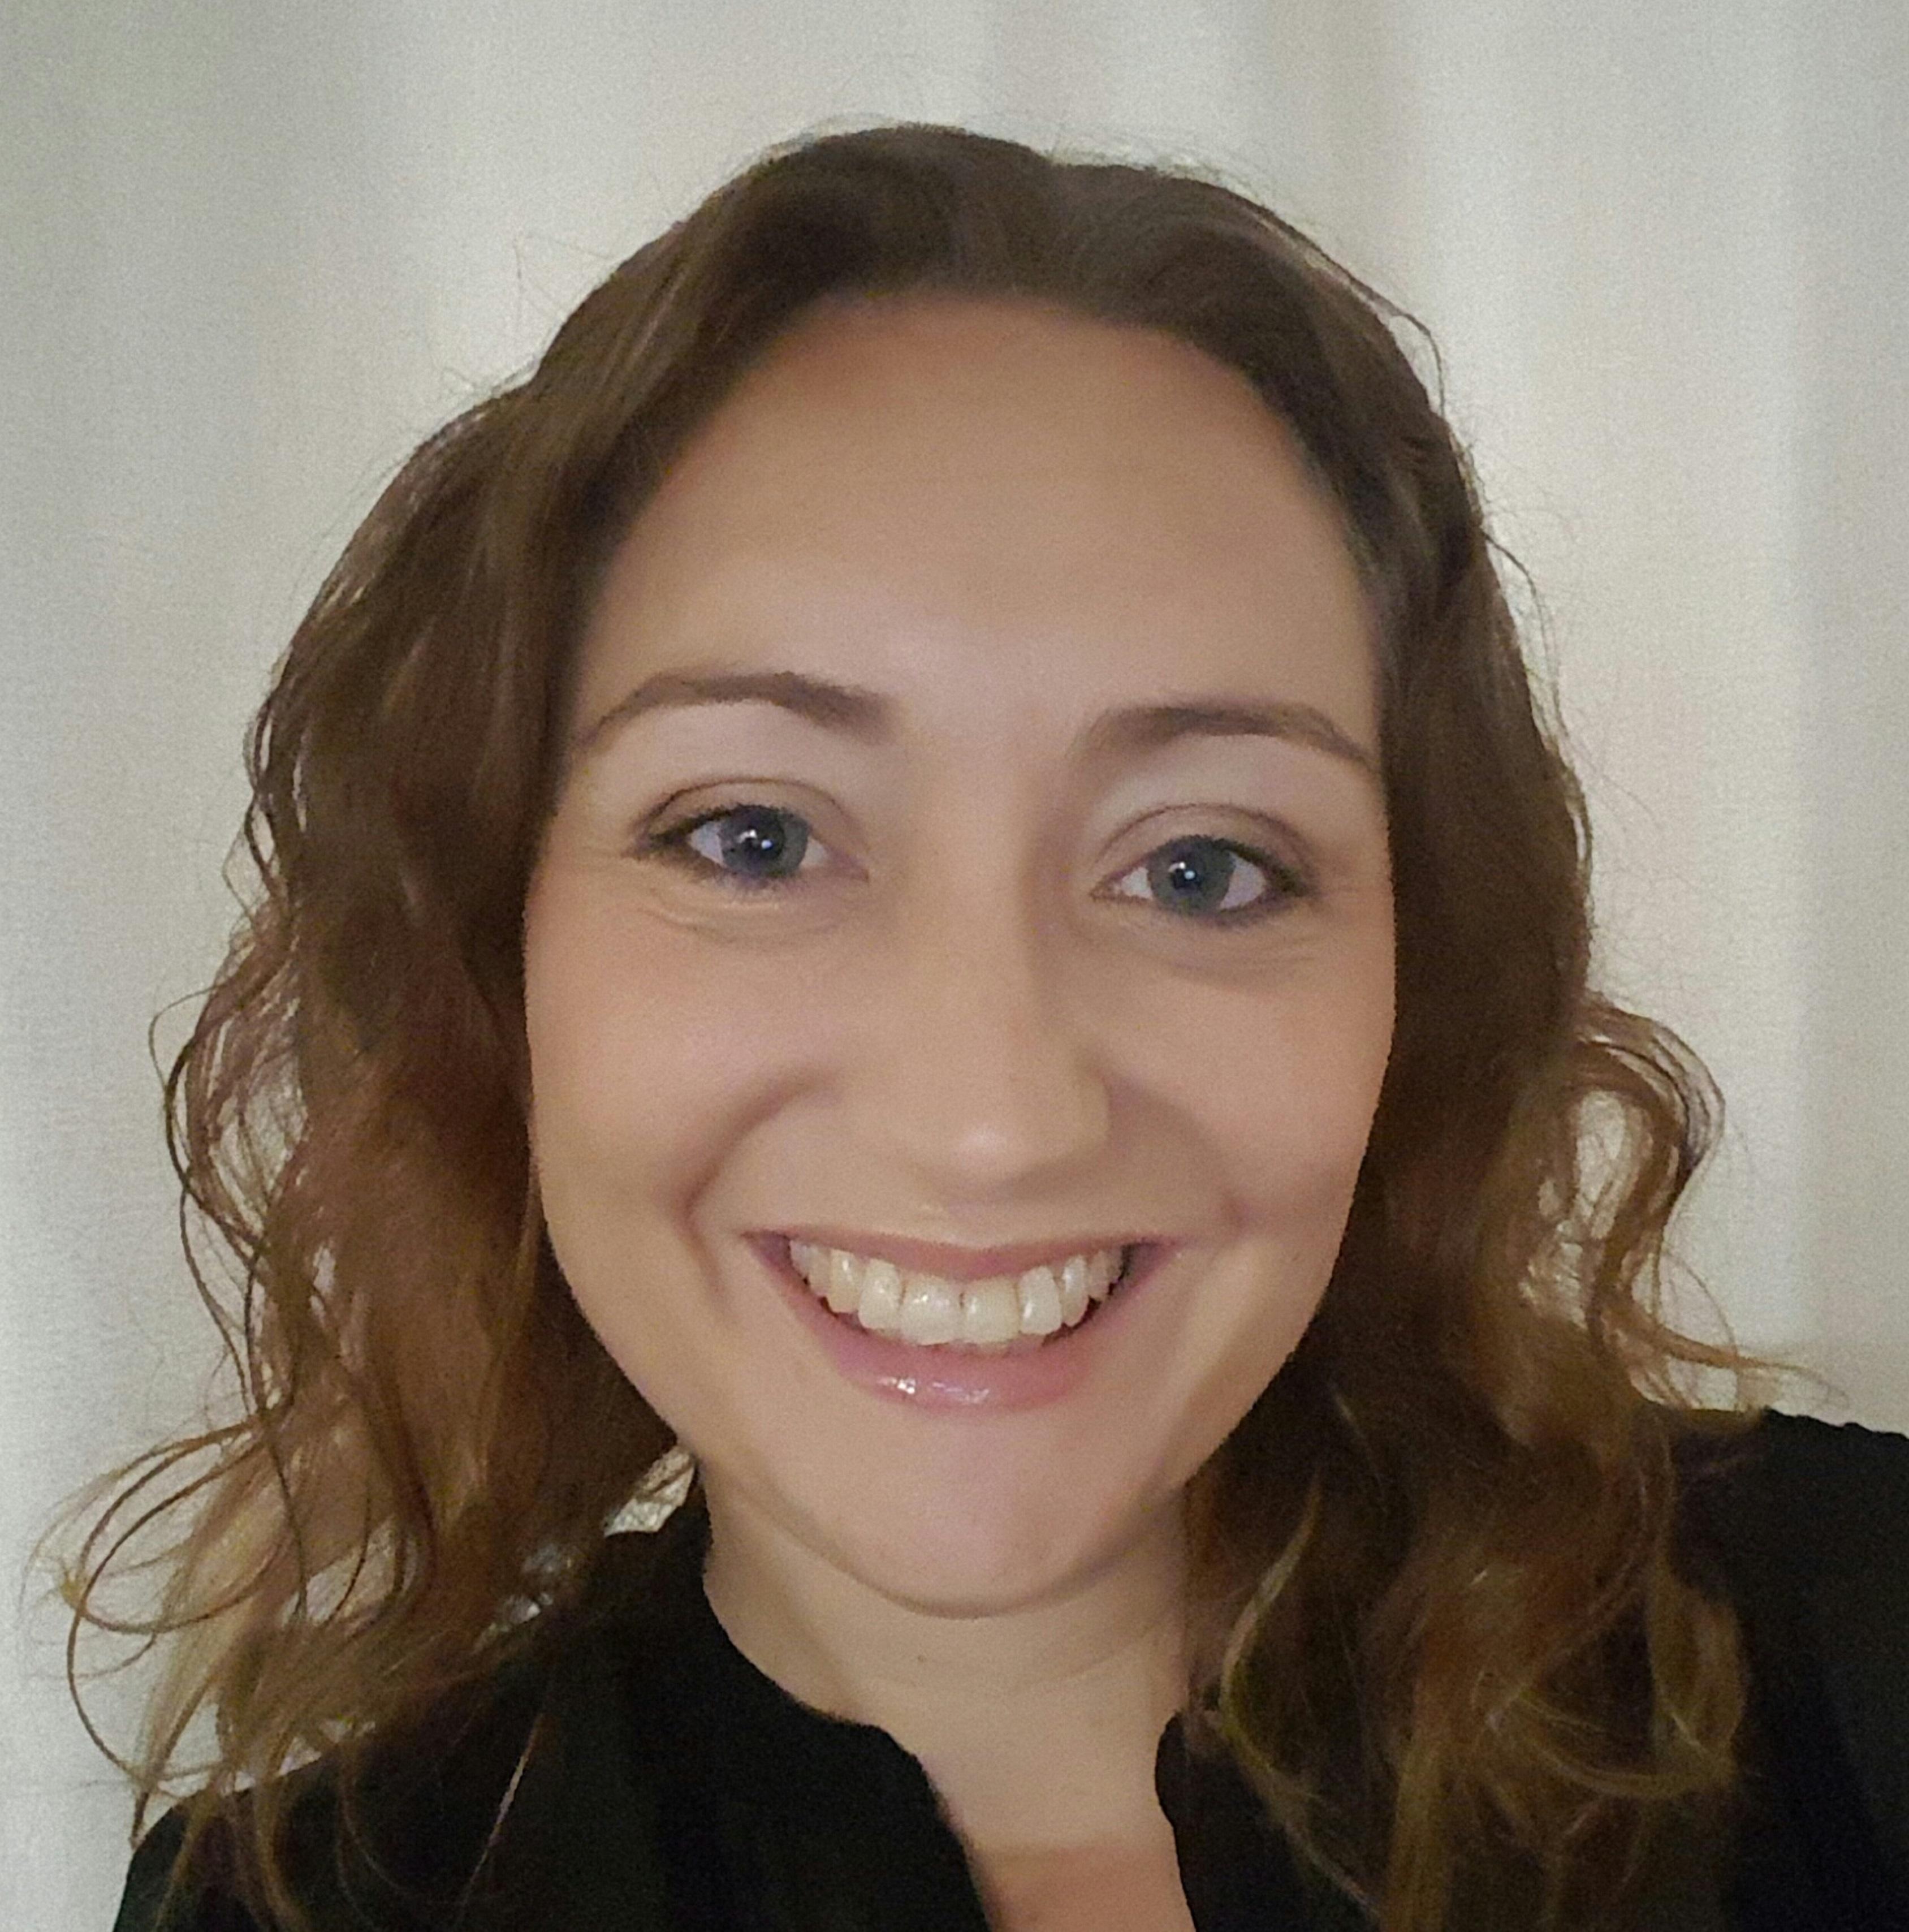 Charlotte Van der Burgt